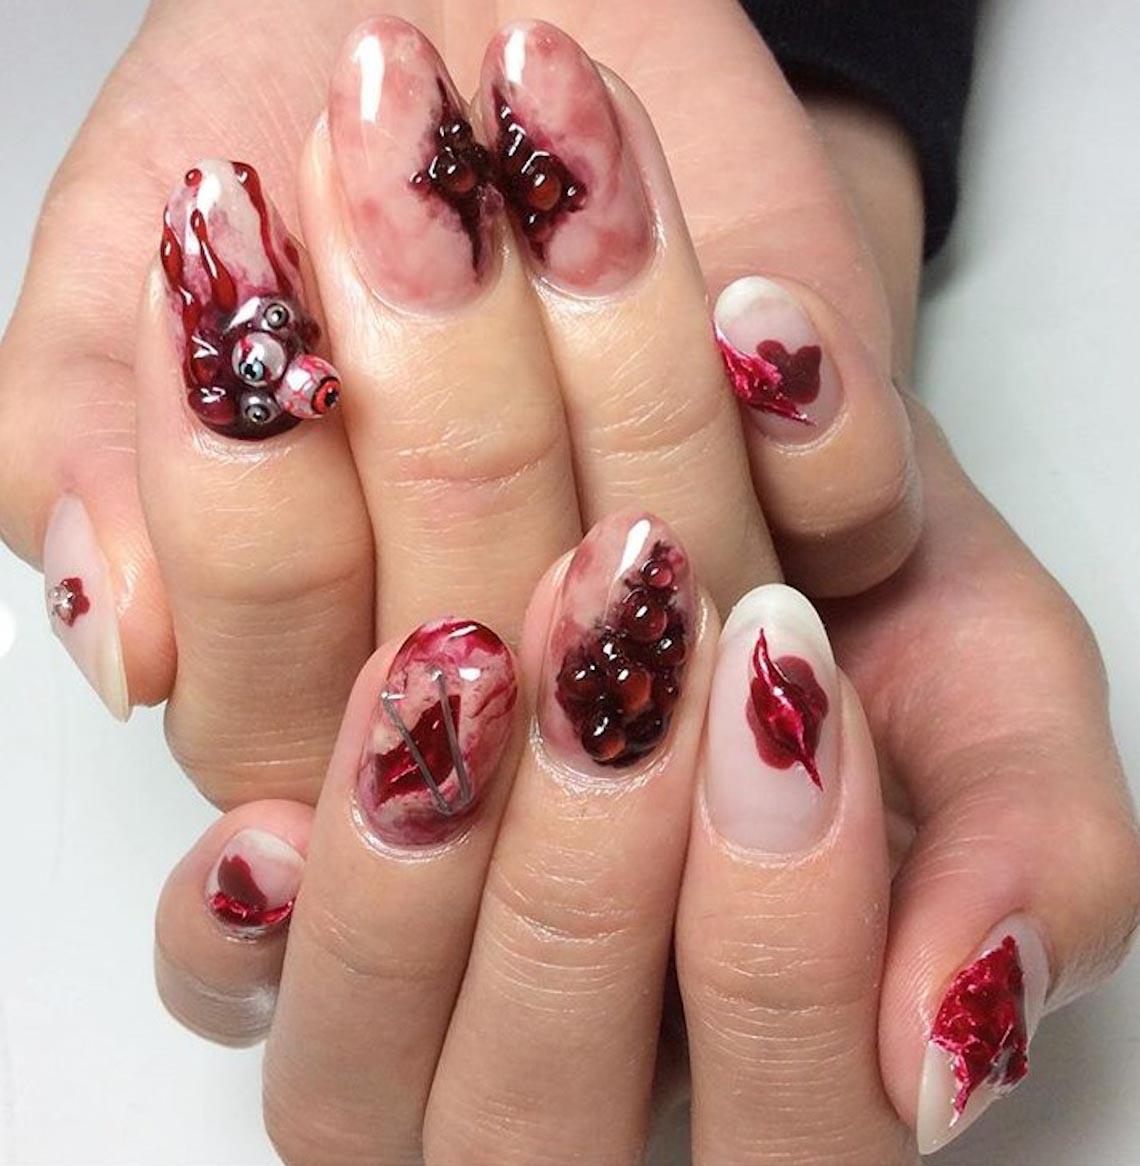 23 ý tưởng trang trí móng tay cho đêm tiệc Halloween - 8